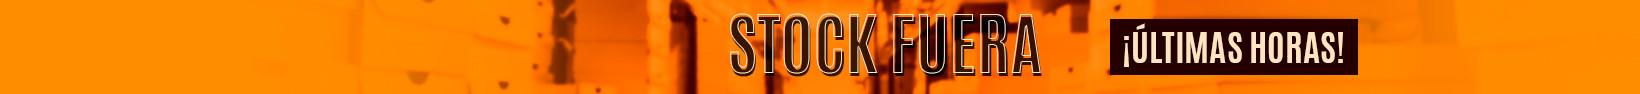 stock_fuera_oct_ultimas_contador_ES.jpg